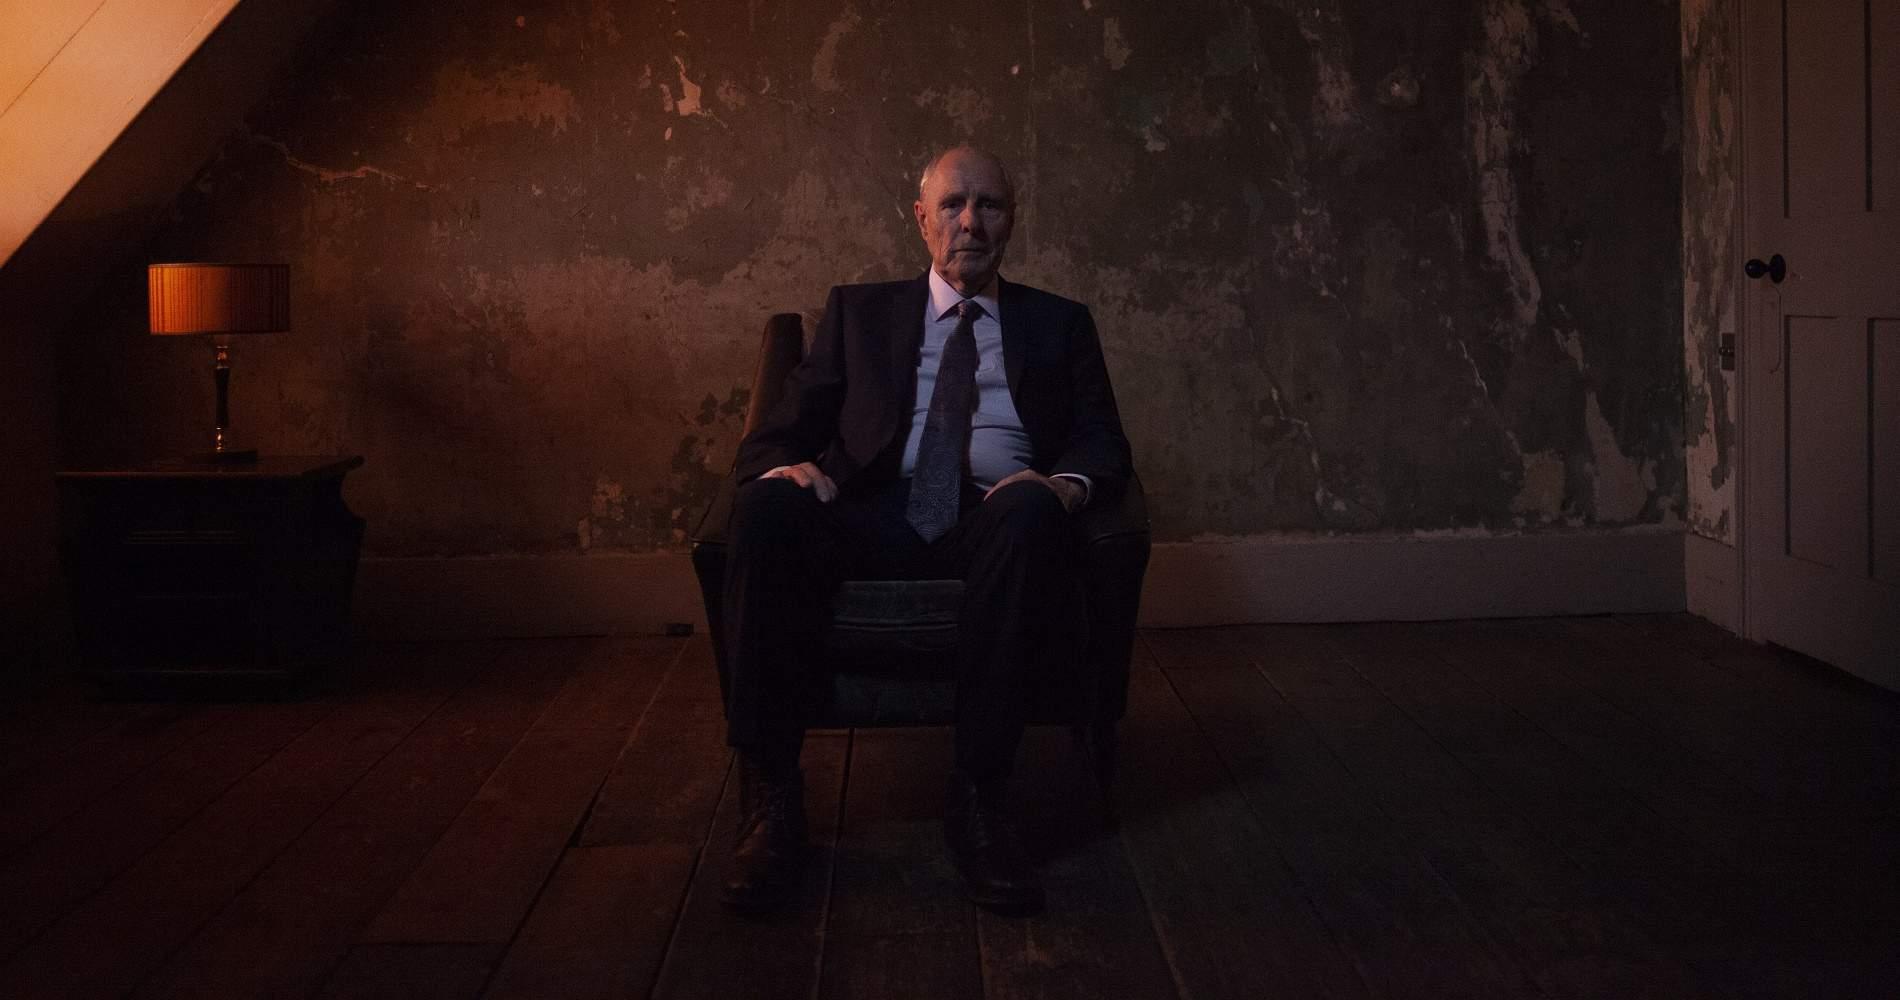 Dennis Nilsen: Memoiren eines Mörders